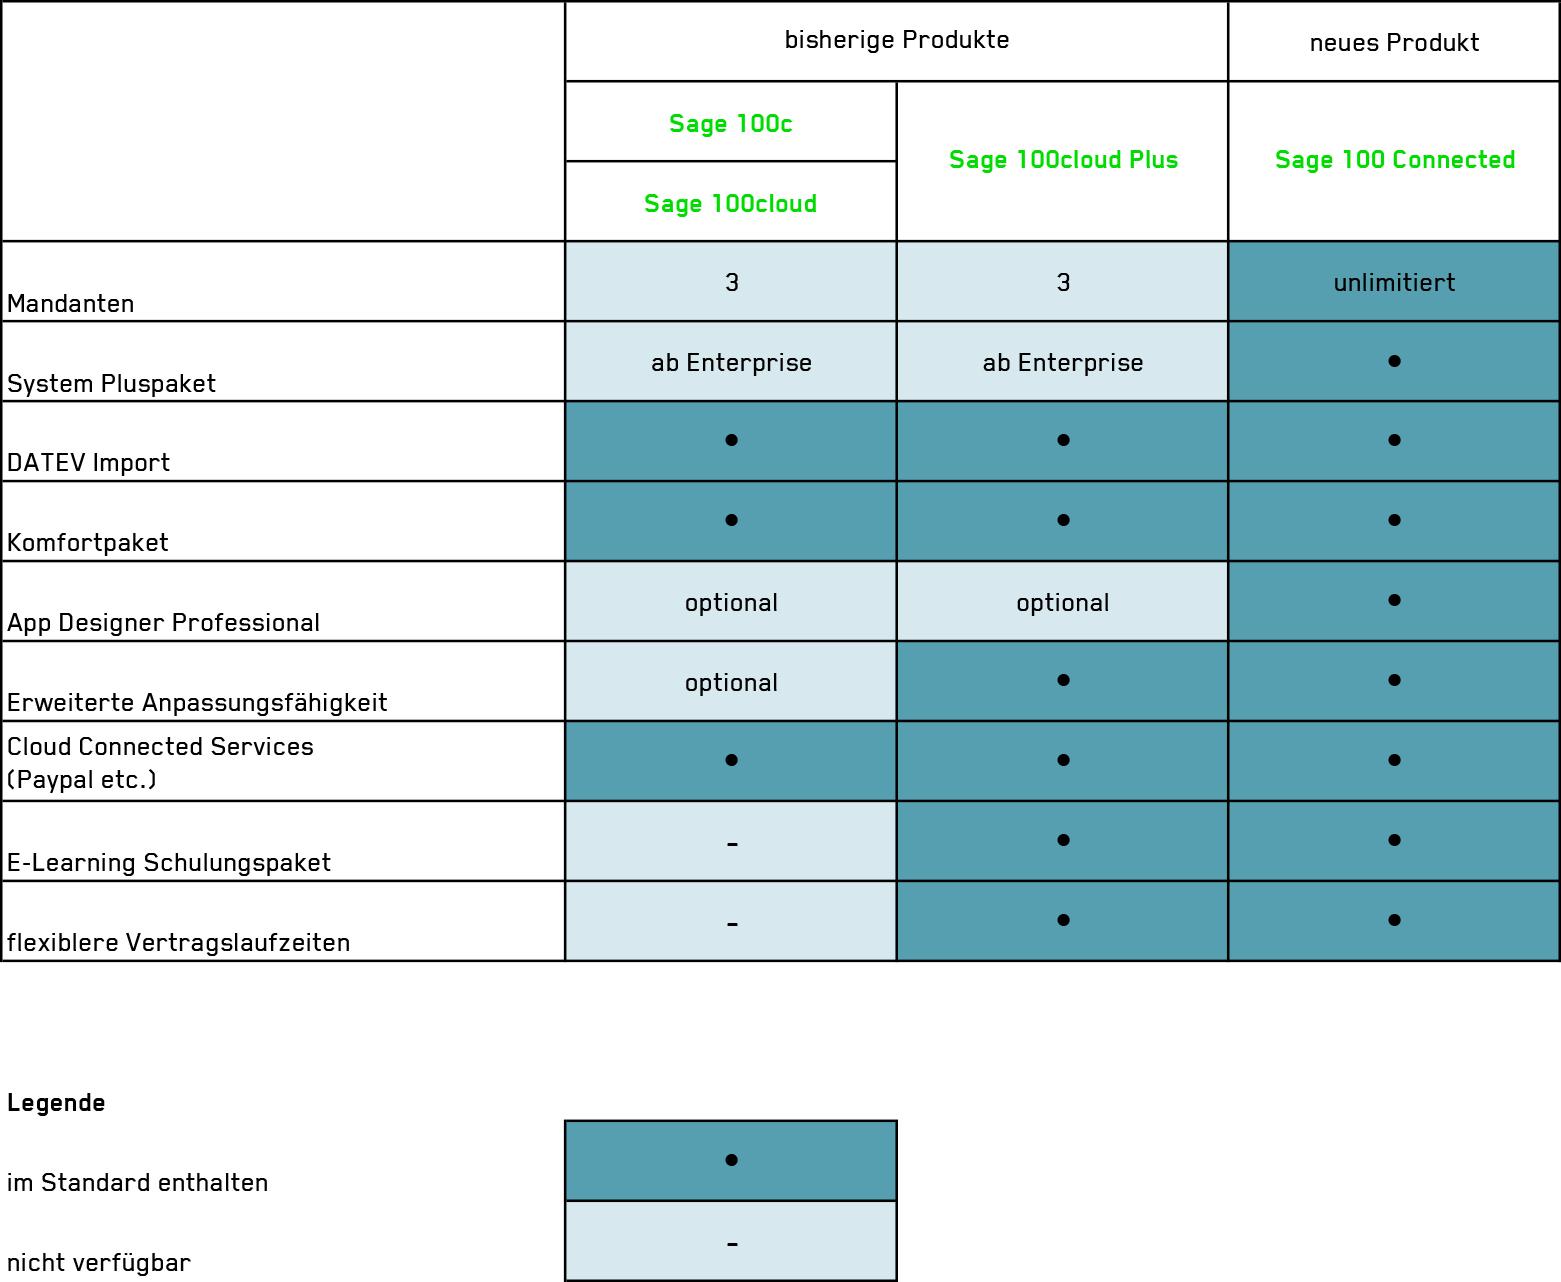 Tabelle, die den Funktionsumfang der Sage 100, Sage 100c/Sage 100cloud und Sagew 100cloud Plus gegenüberstellt